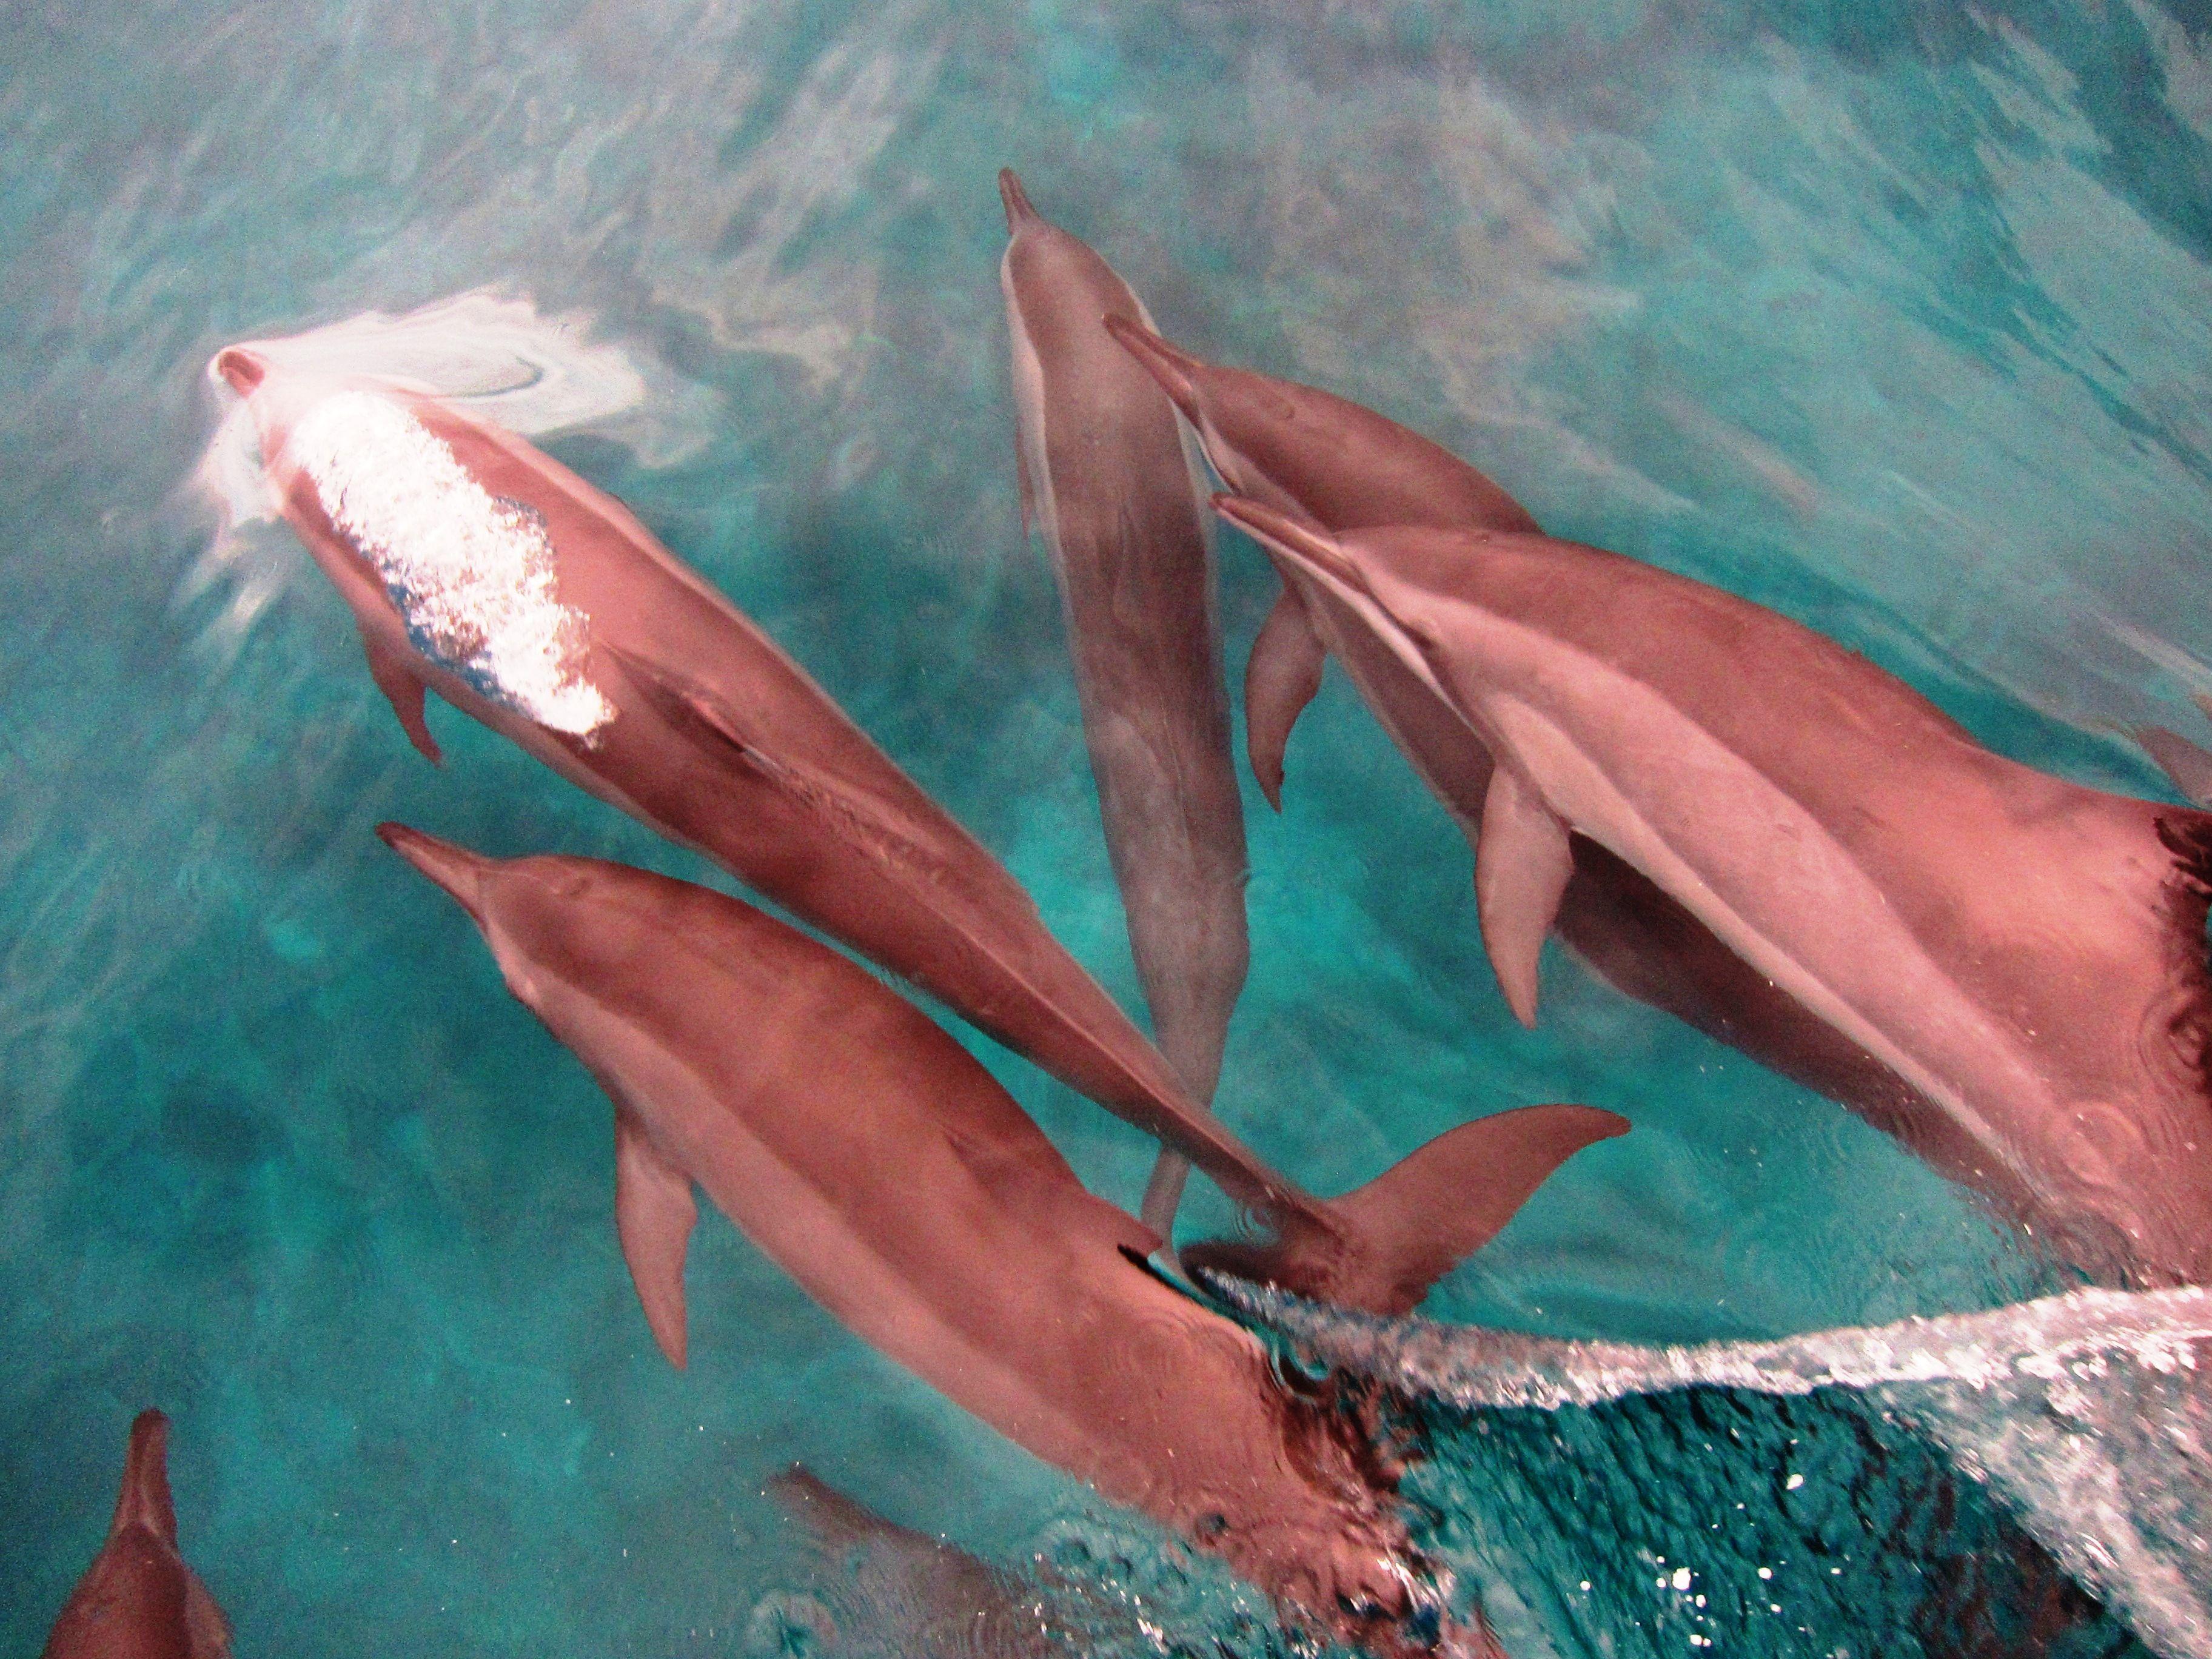 27 Settembre 2013 Nuotando Con I Delfini Maldive Delfini